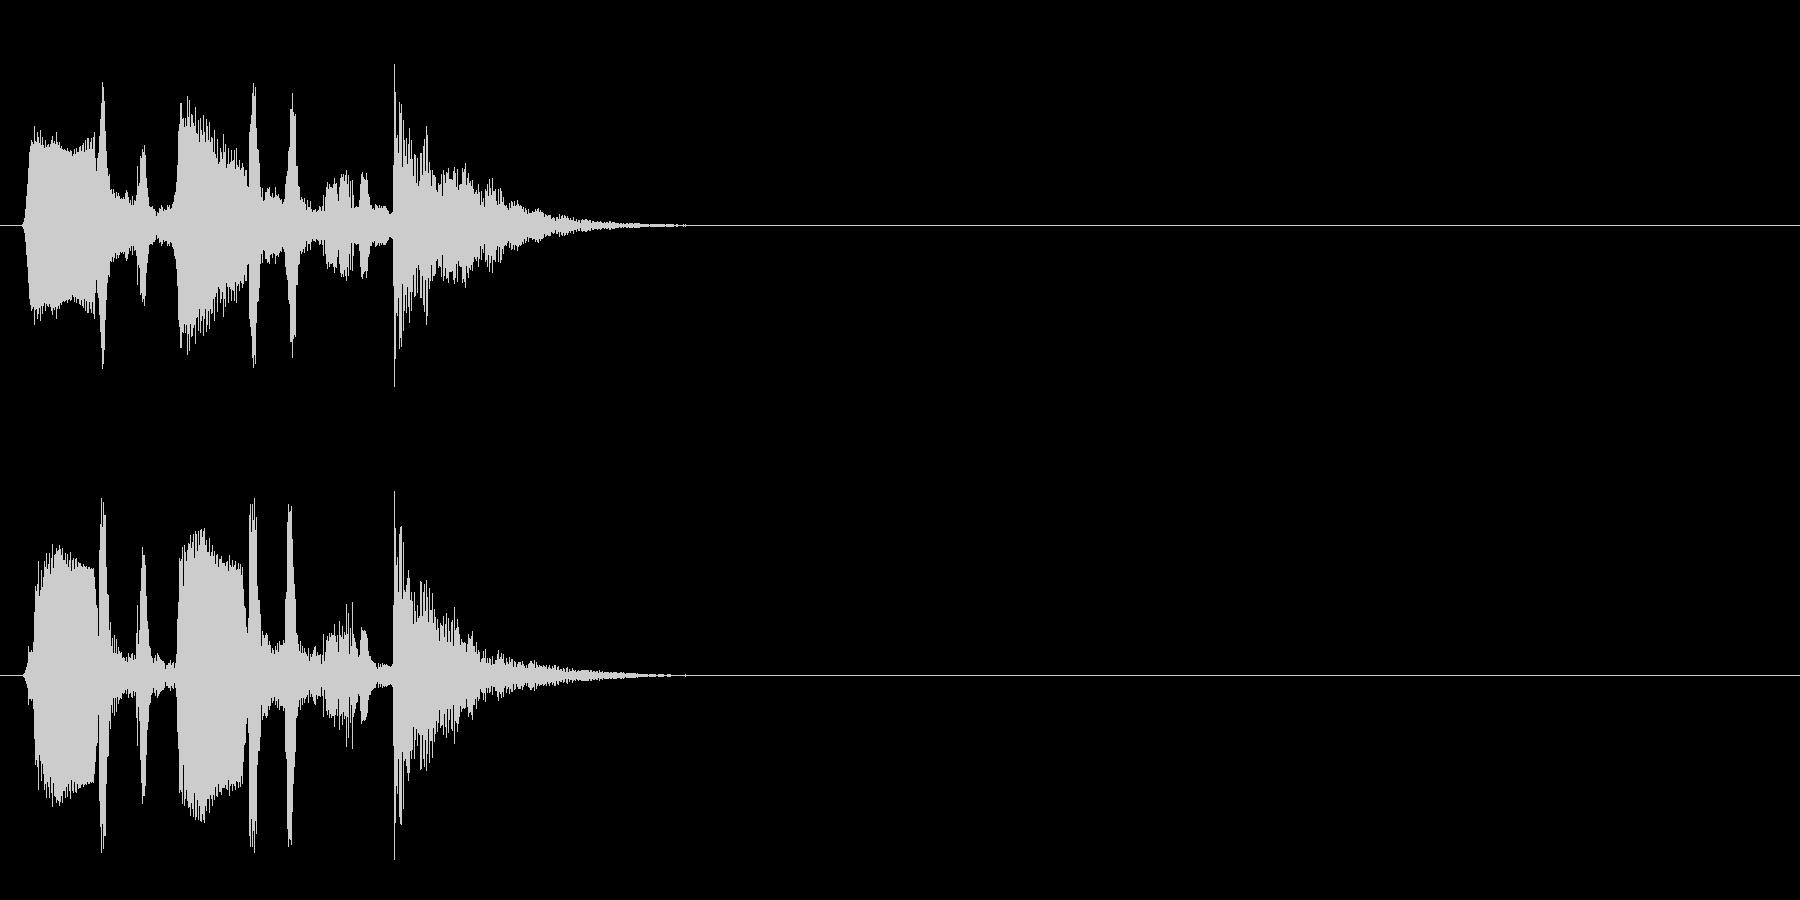 ジングル/アタック(ポップ/和風)の未再生の波形